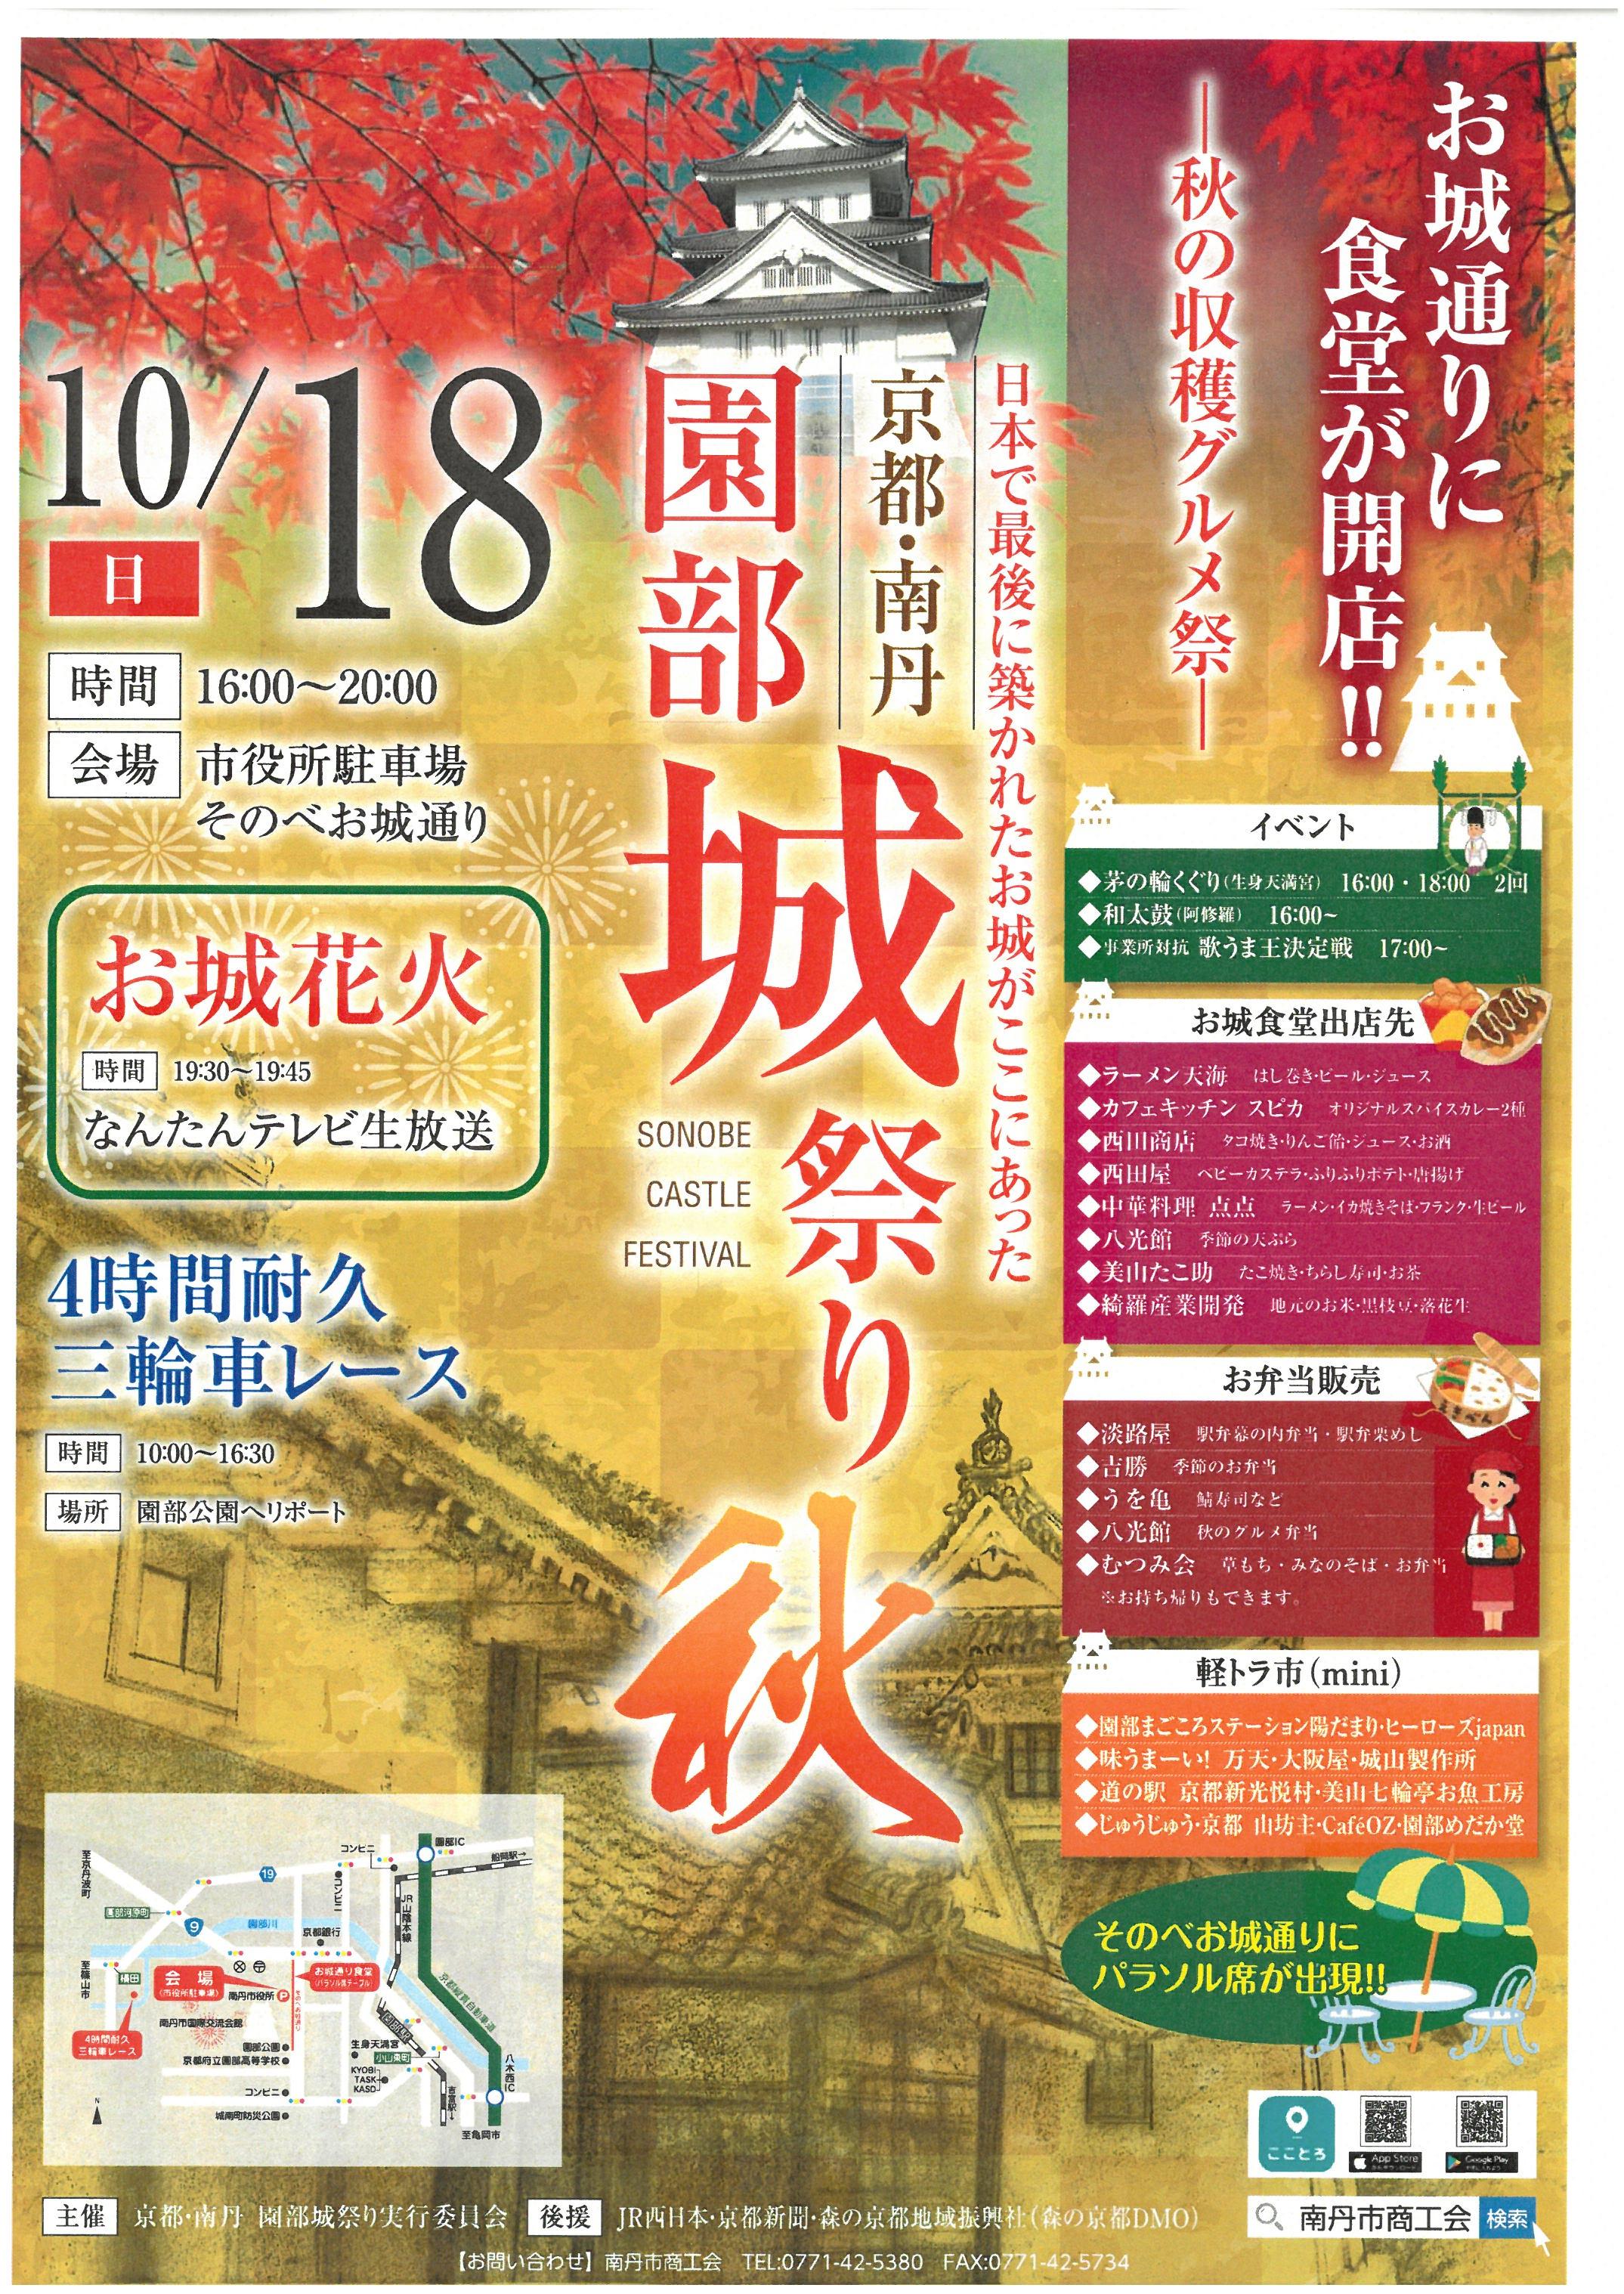 園部城祭り秋